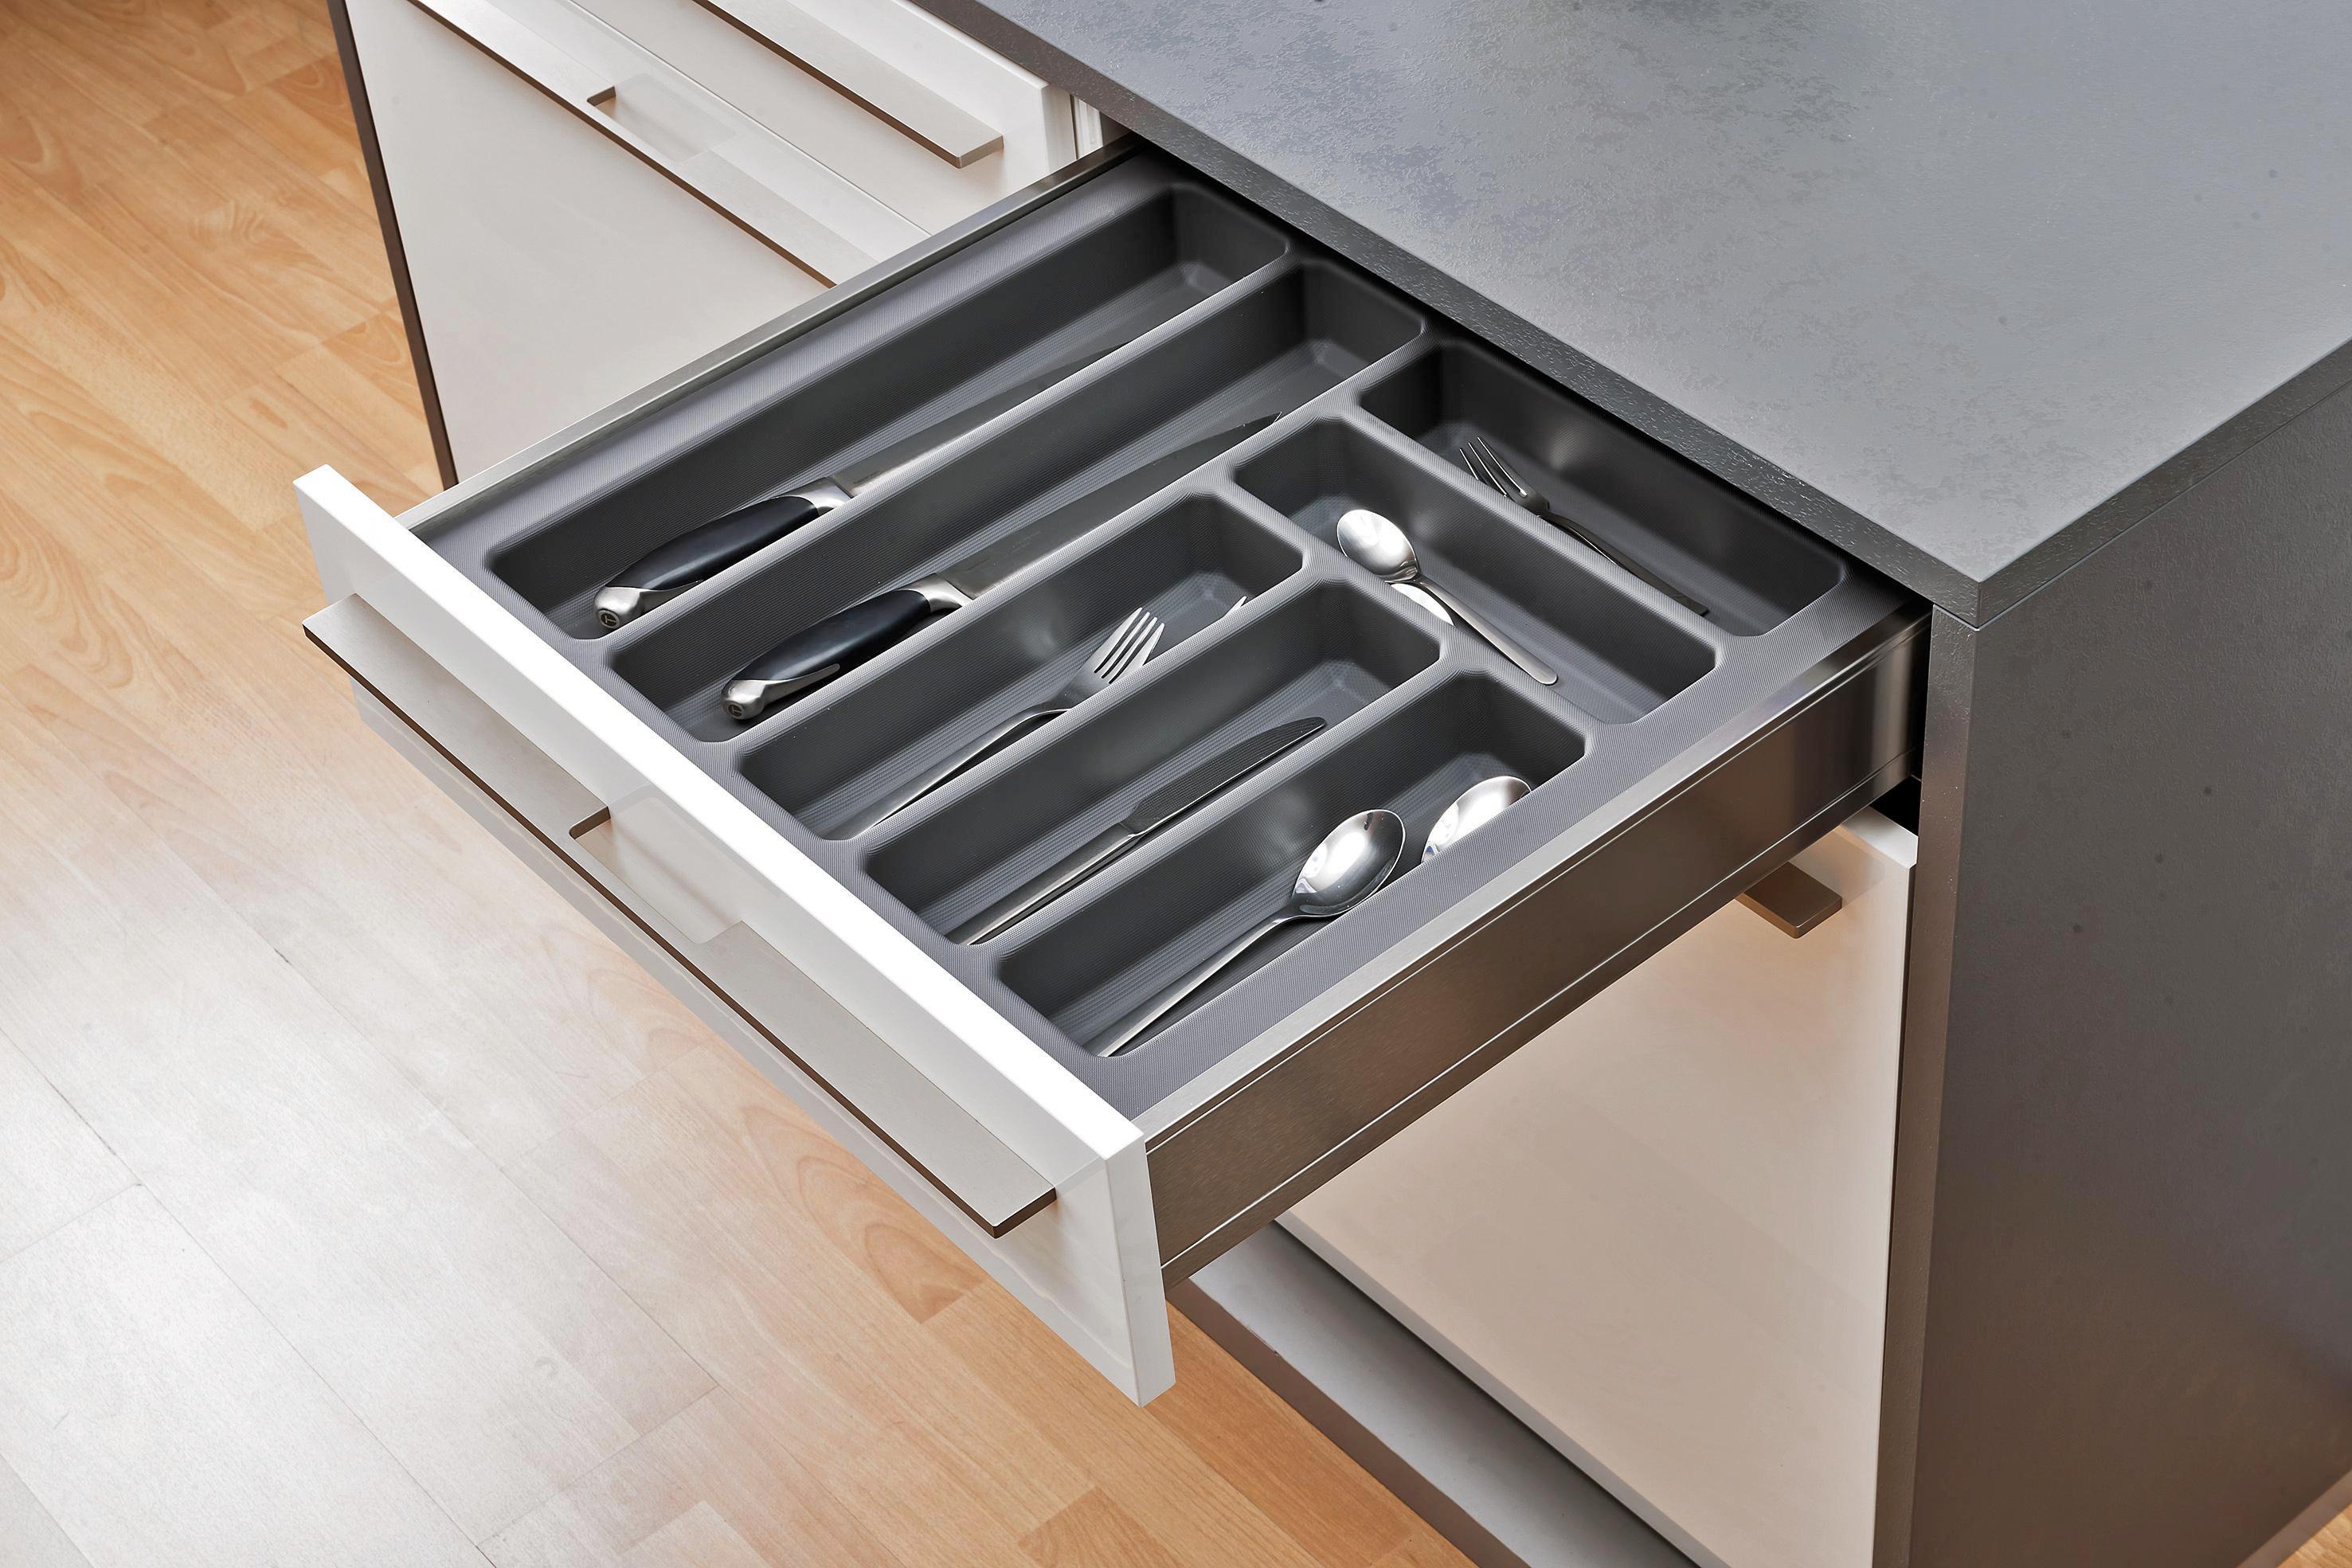 Nett Flush Küchenbeleuchtung Ideen - Küche Set Ideen ...